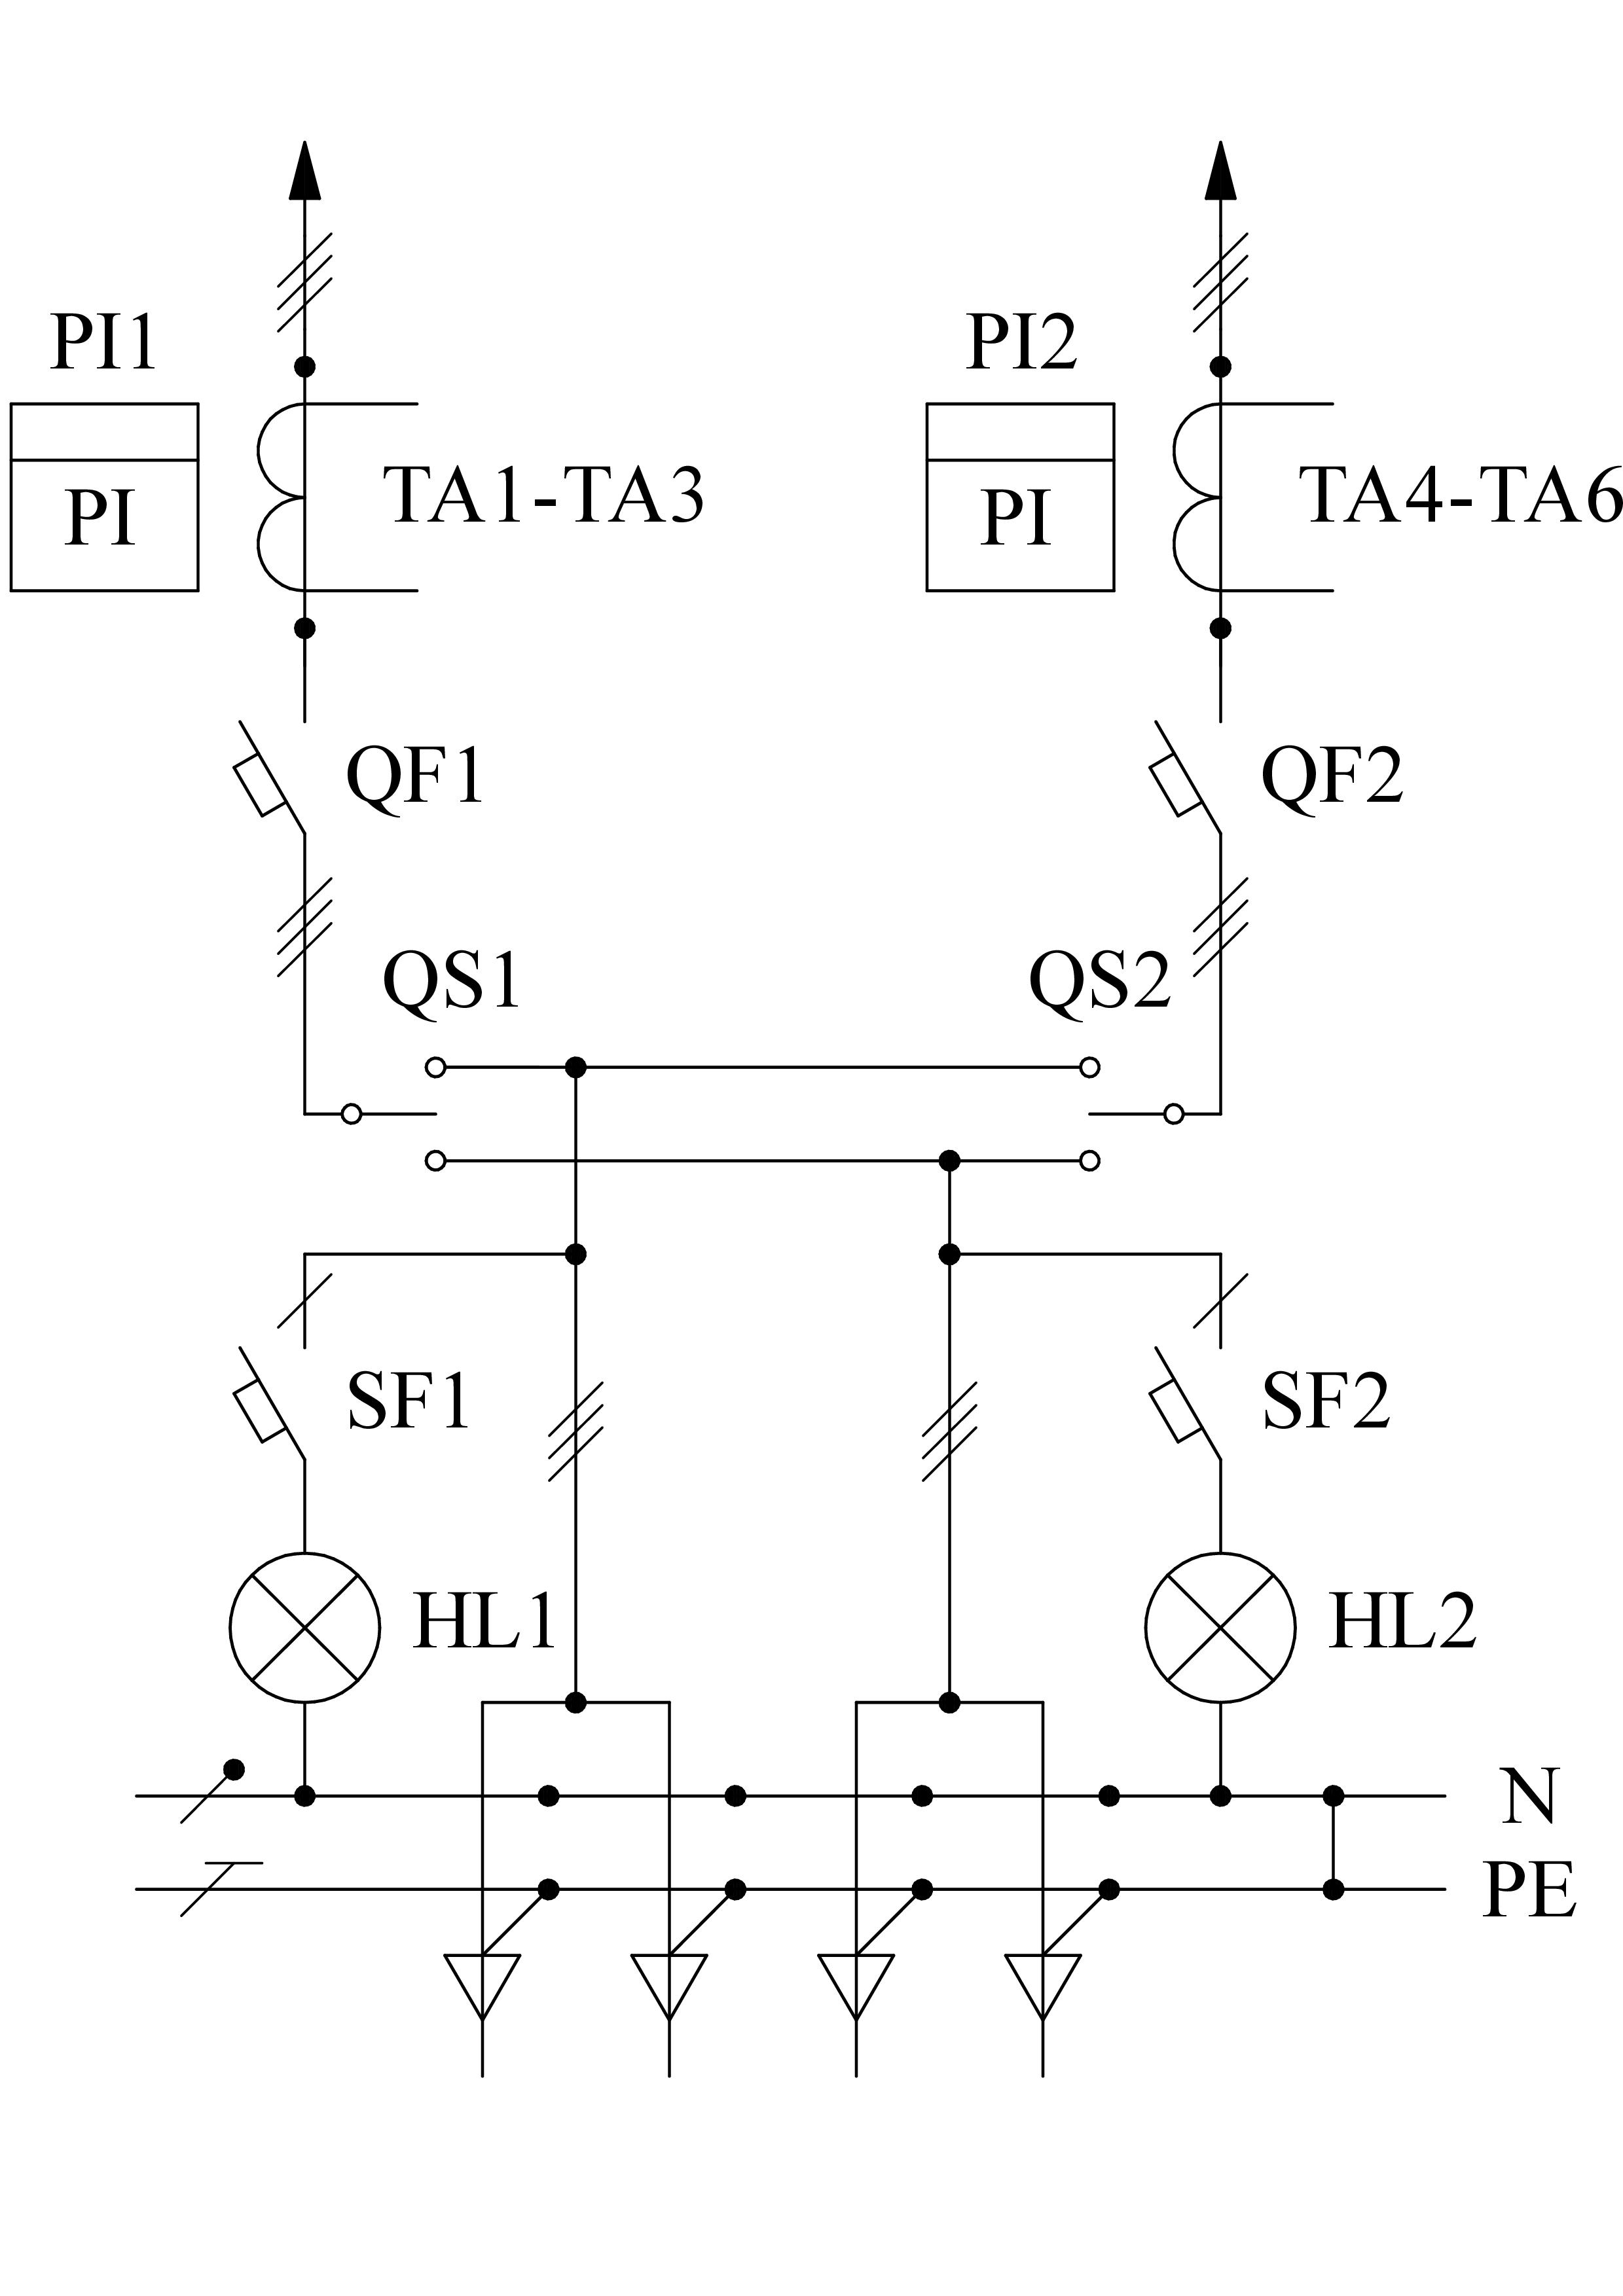 Схема электрическая ВРУ1-11-10А, ВРУ1-11-10А цена, ВРУ1-11-10А купить